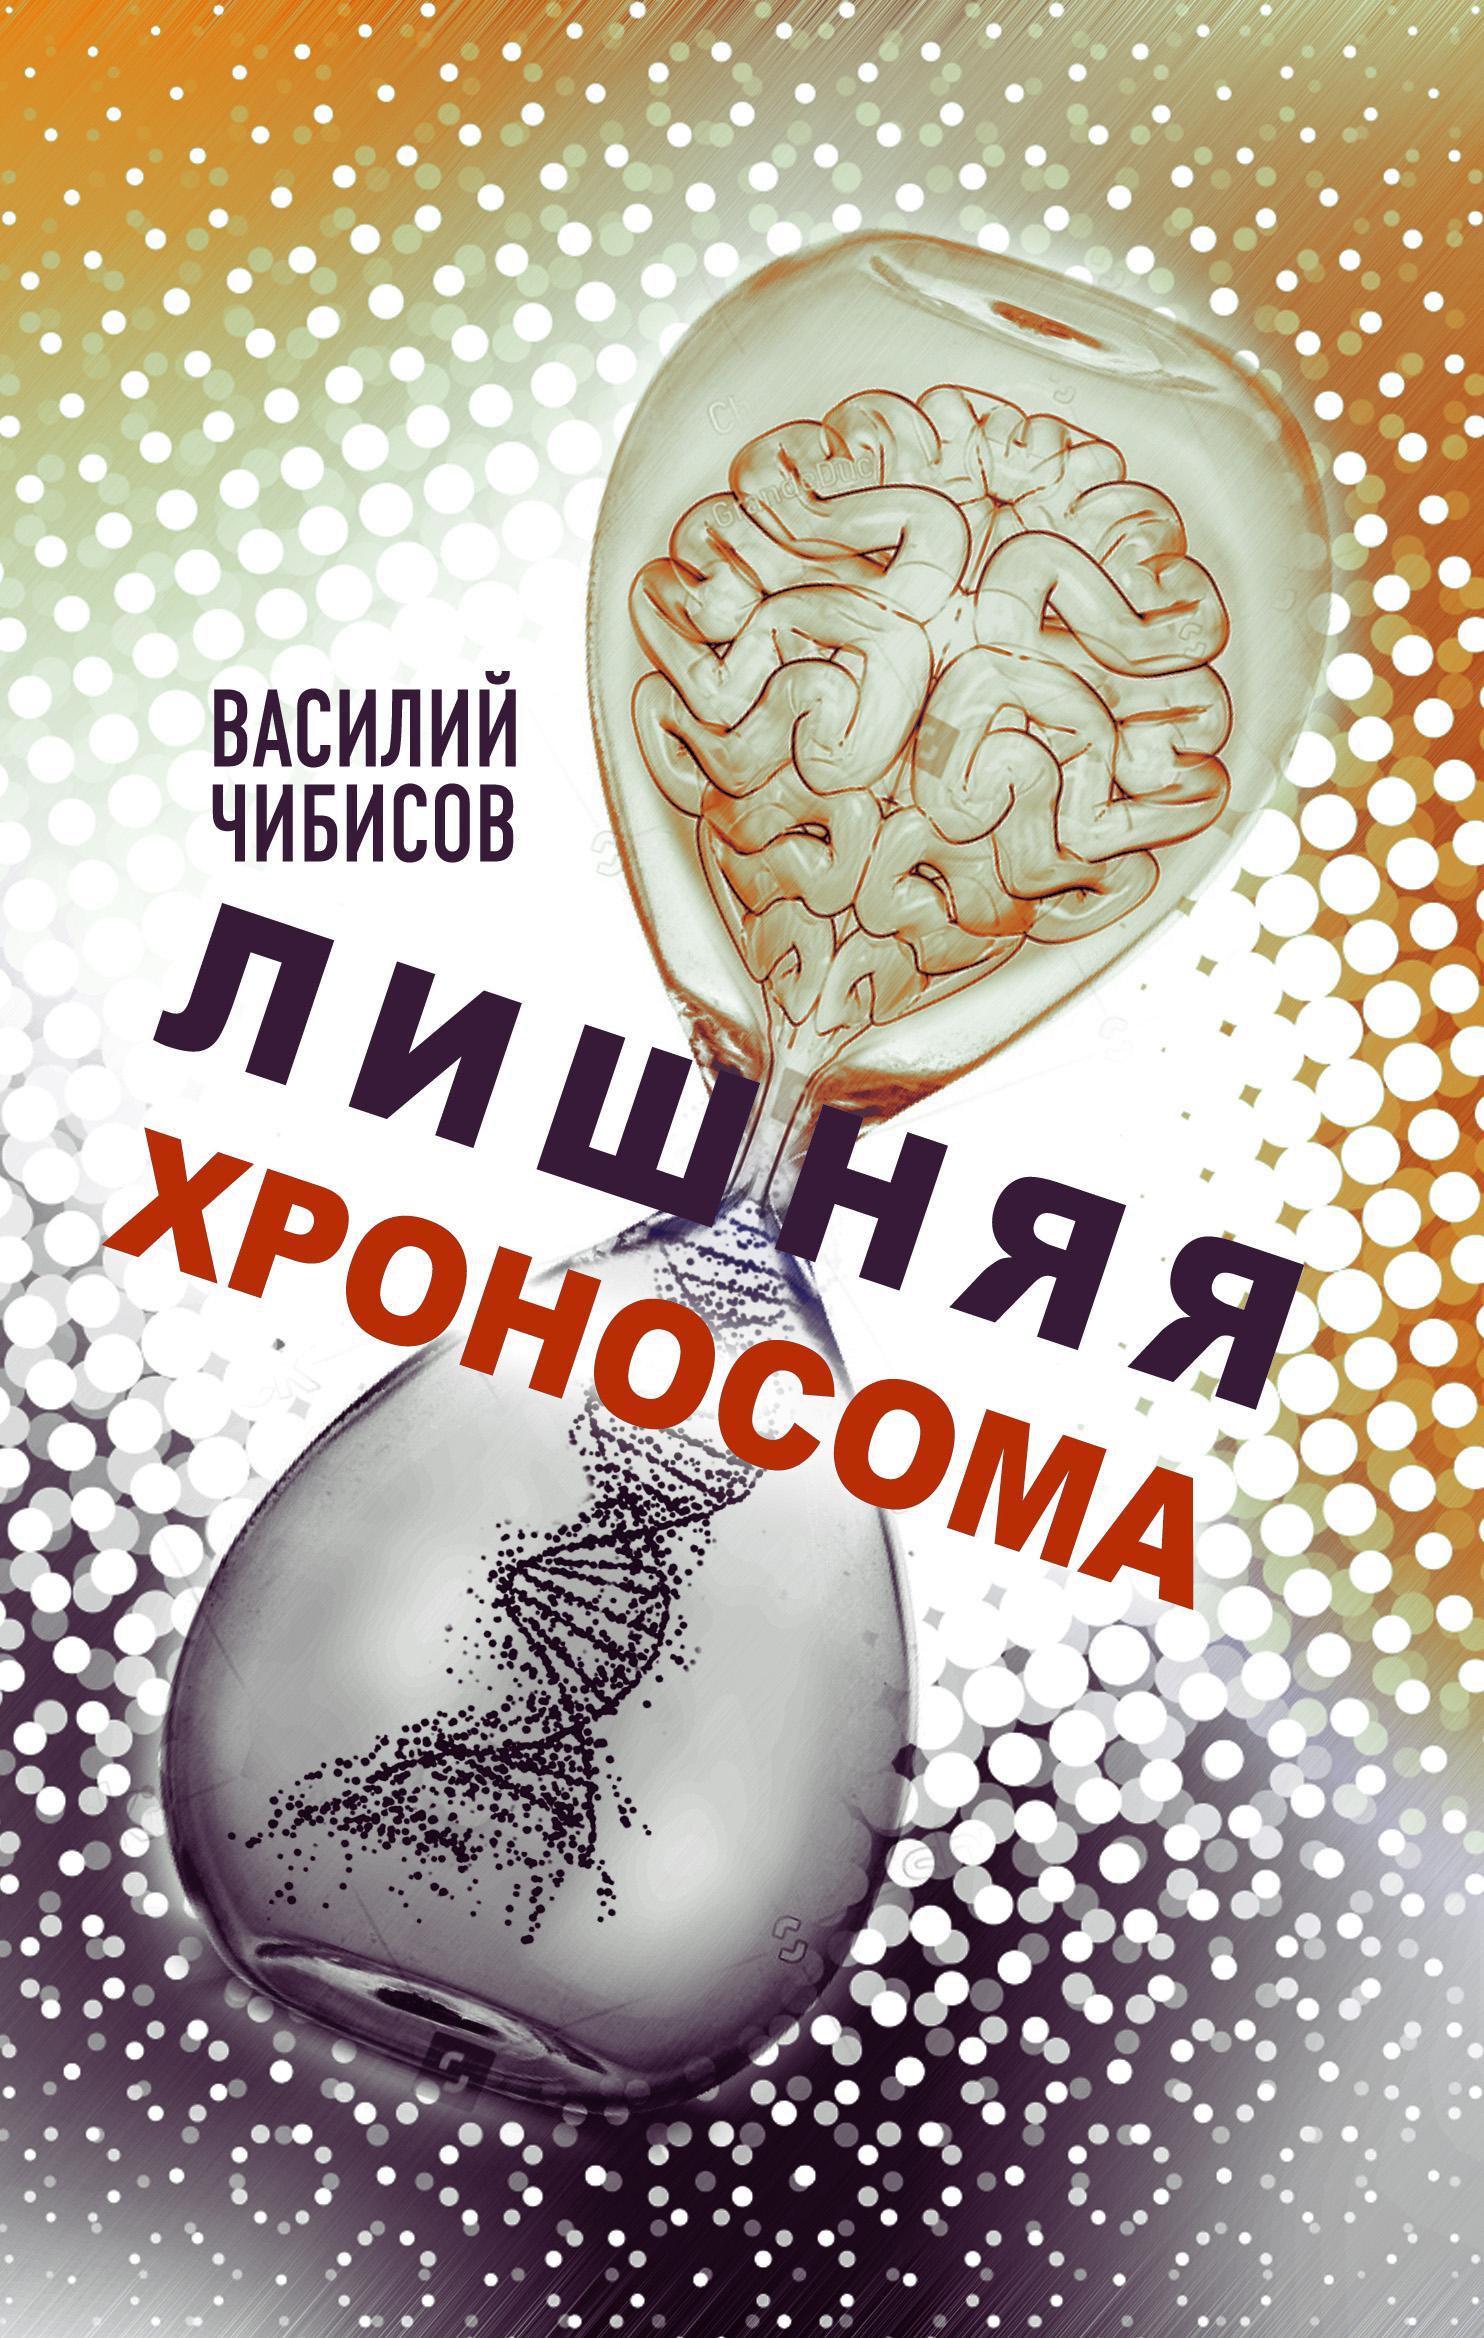 Купить книгу Лишняя хроносома, автора Василия Чибисова